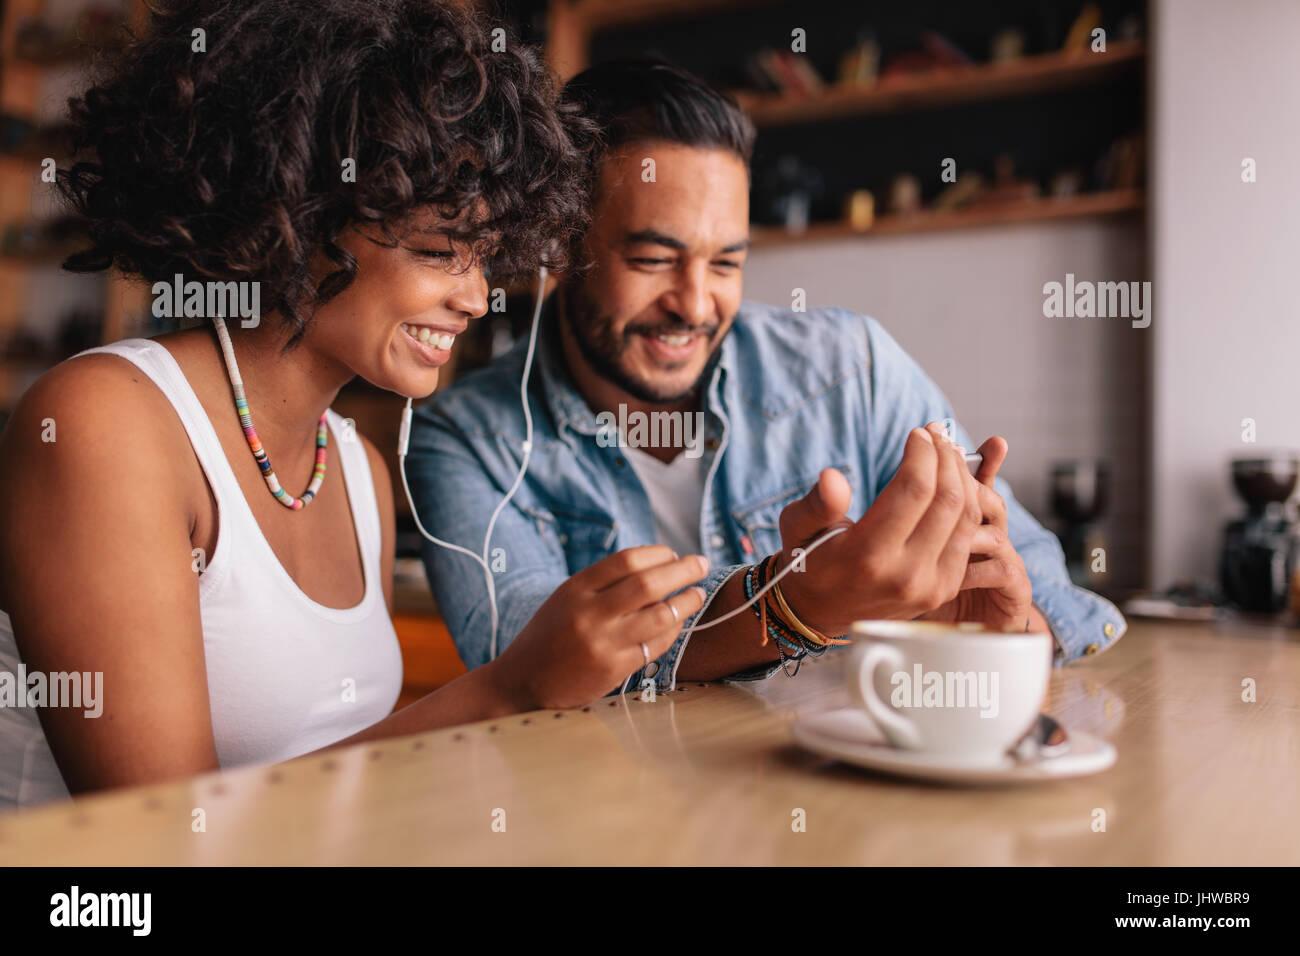 Felice coppia giovane seduto presso la caffetteria avente la chat video sul telefono cellulare. Giovane uomo e donna Immagini Stock